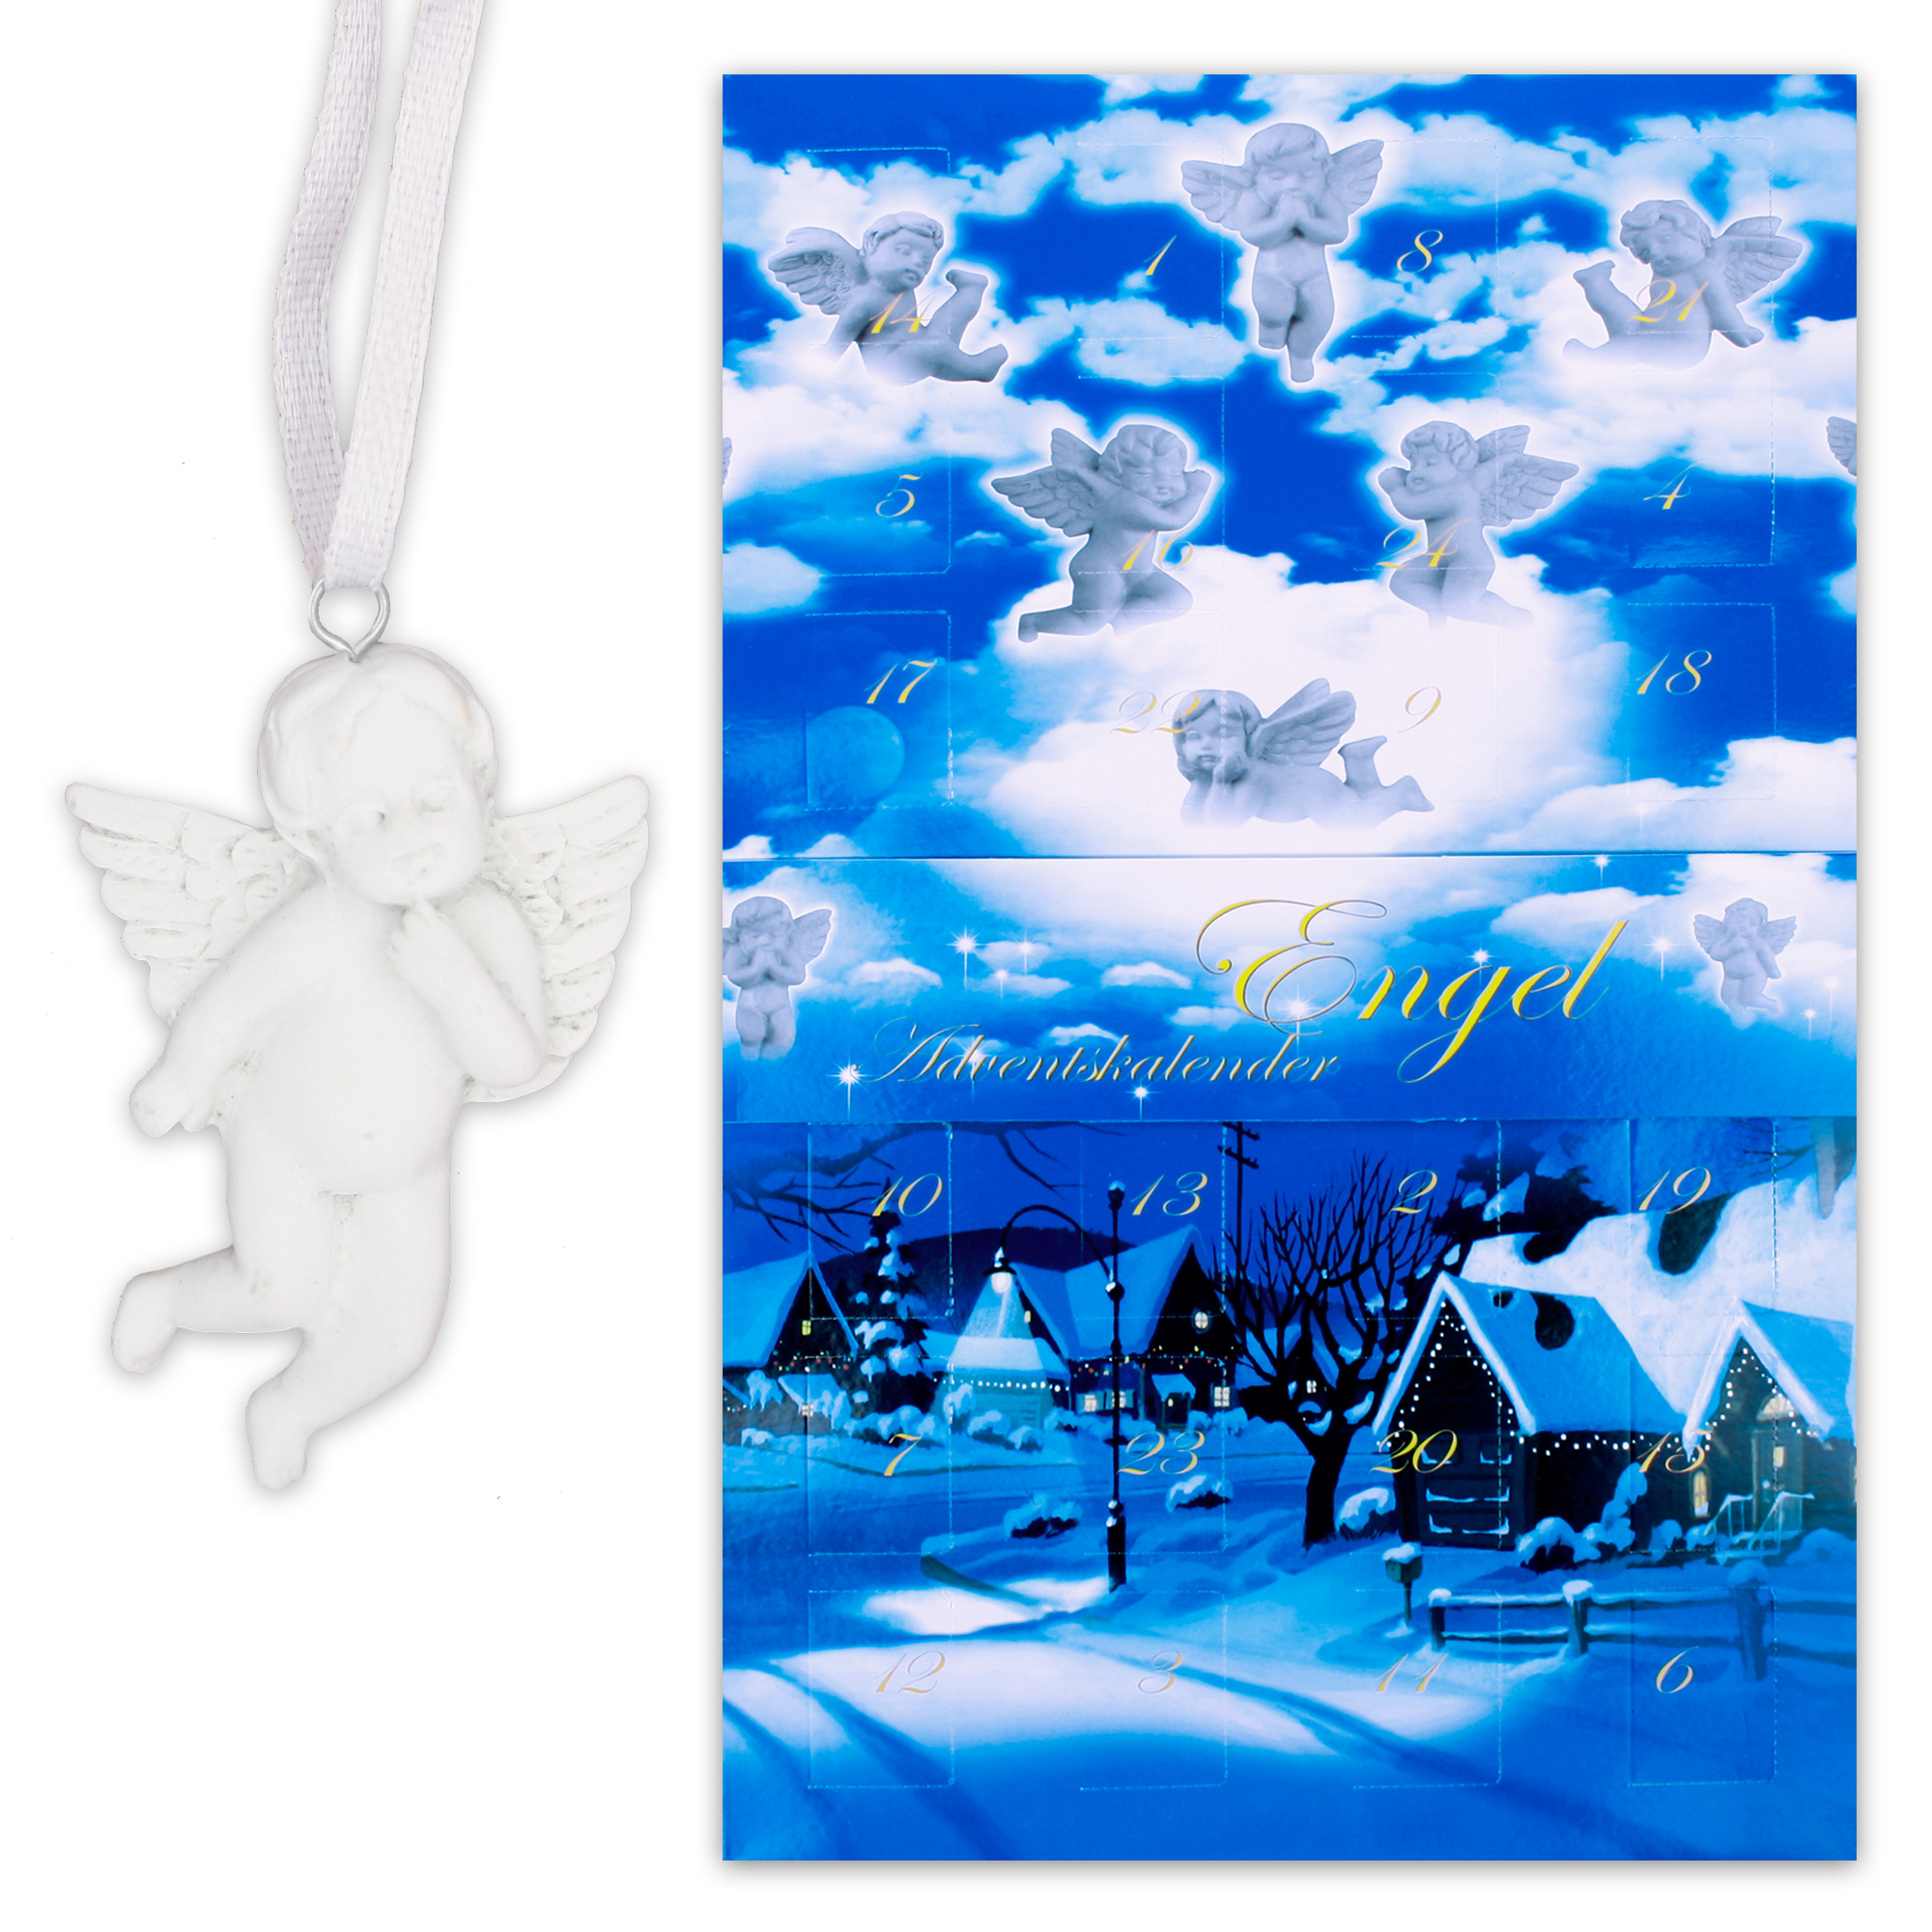 himmlischer adventskalender mit 24 engelchen aus polyresin. Black Bedroom Furniture Sets. Home Design Ideas